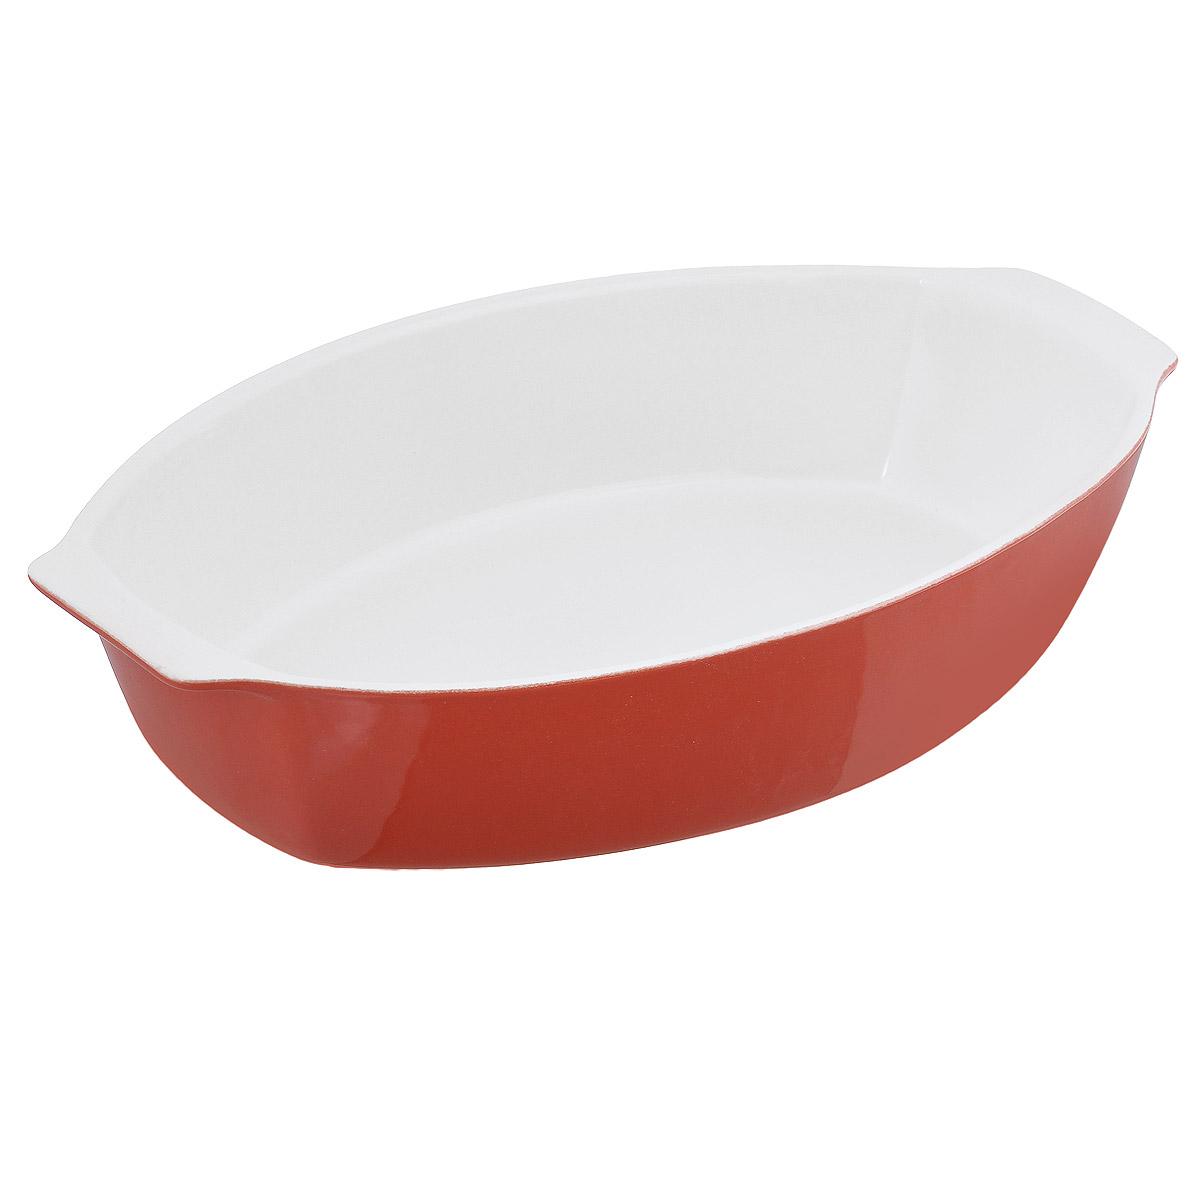 Емкость для запекания OvenLove, овальная, цвет: красный, 39 х 24 х 8 см104369Емкость для запекания OvenLove изготовлена из жаропрочной керамики с глазурованной поверхностью. Керамическая посуда идеальна для тушения и томления блюд в духовке, блюда получаются вкусными и сочными, сохраняя при этом все полезные вещества. Абсолютно гладкая поверхность легко моется. Внешние стенки цветные. Емкость оснащена удобными ручками. Можно использовать в духовом шкафу при температуре до 250°С, в микроволновой печи, а также в посудомоечной машине. Подходит для хранения пищи в холодильнике.